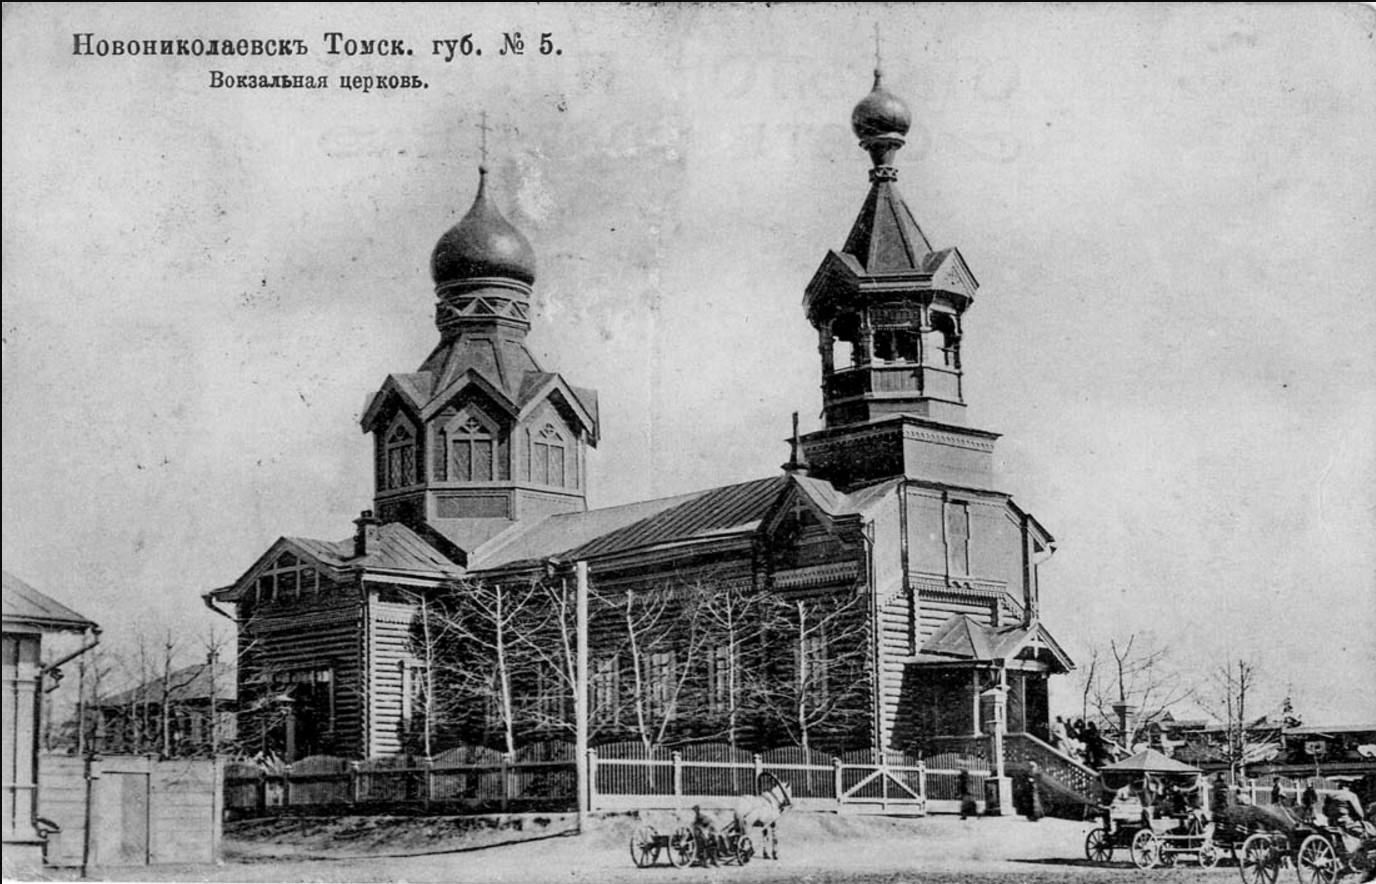 Церковь святого пророка Даниила (Вокзальная церковь)